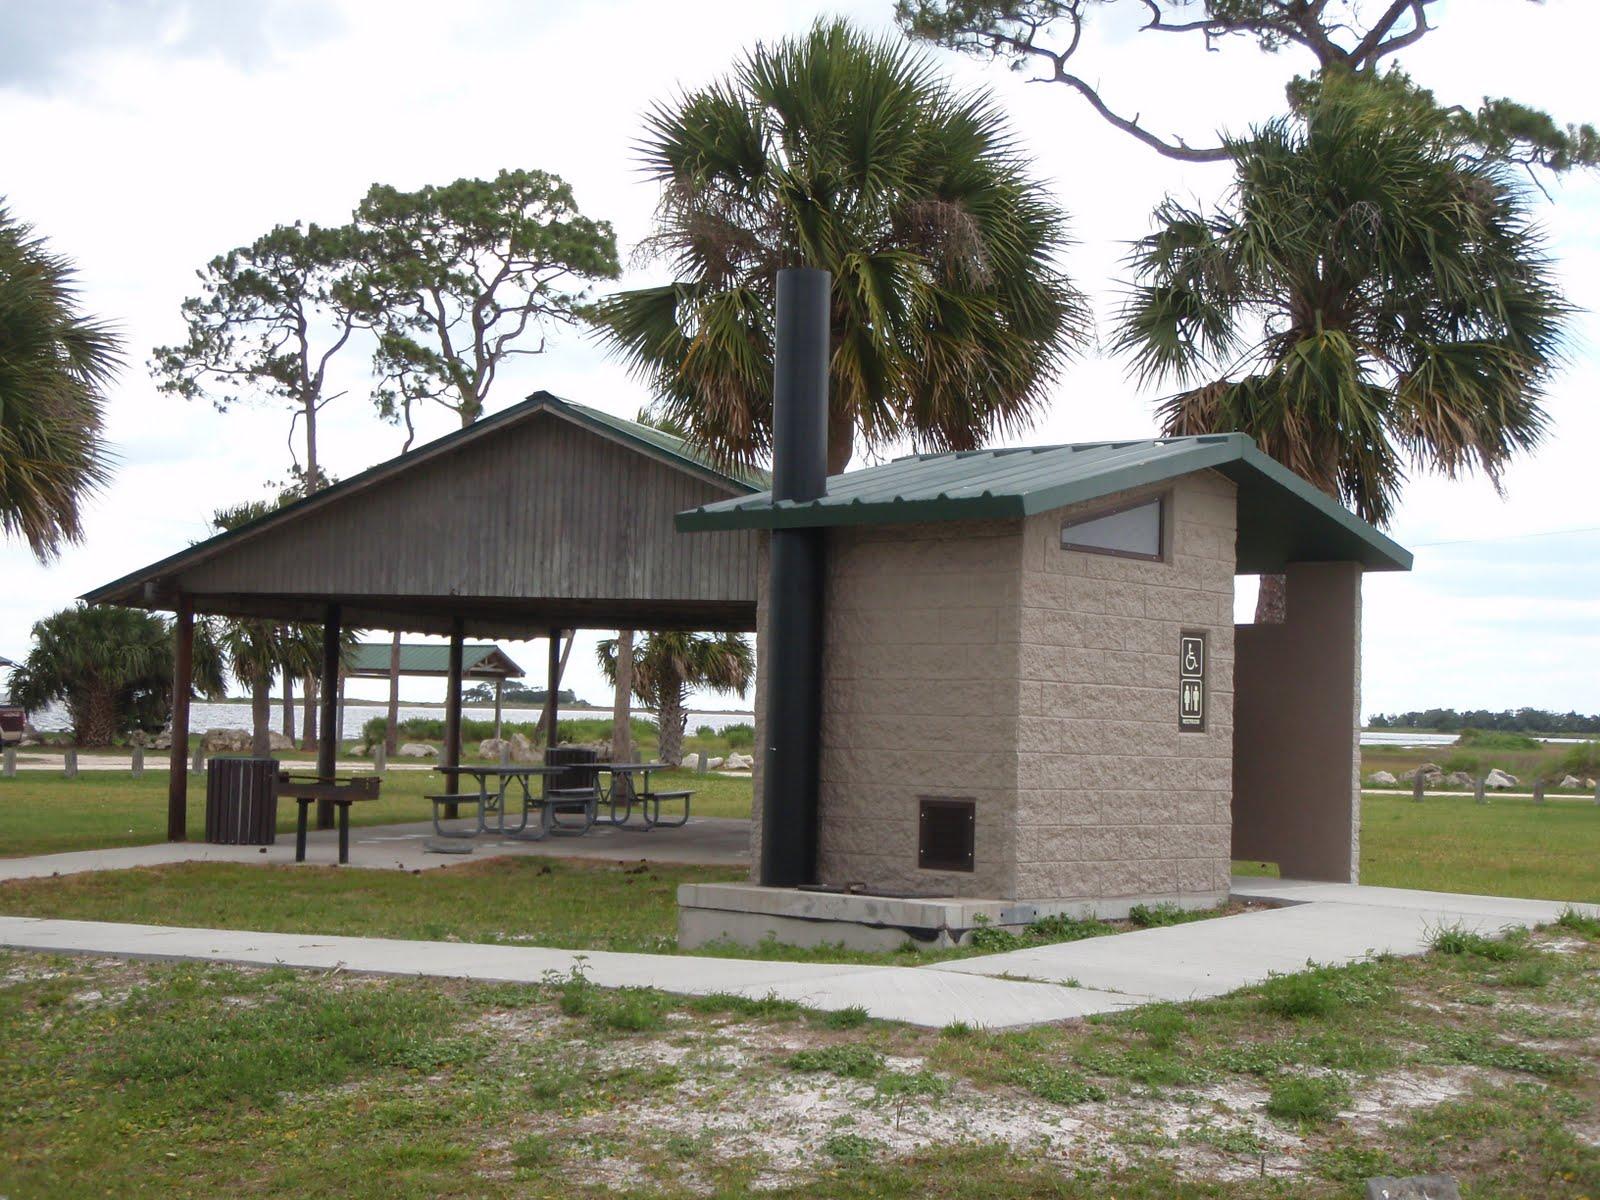 http://2.bp.blogspot.com/-EreHvvUo-Lk/ThN1Q624LPI/AAAAAAAAAts/Zu_wKjdcD6E/s1600/HC+outhouse.JPG